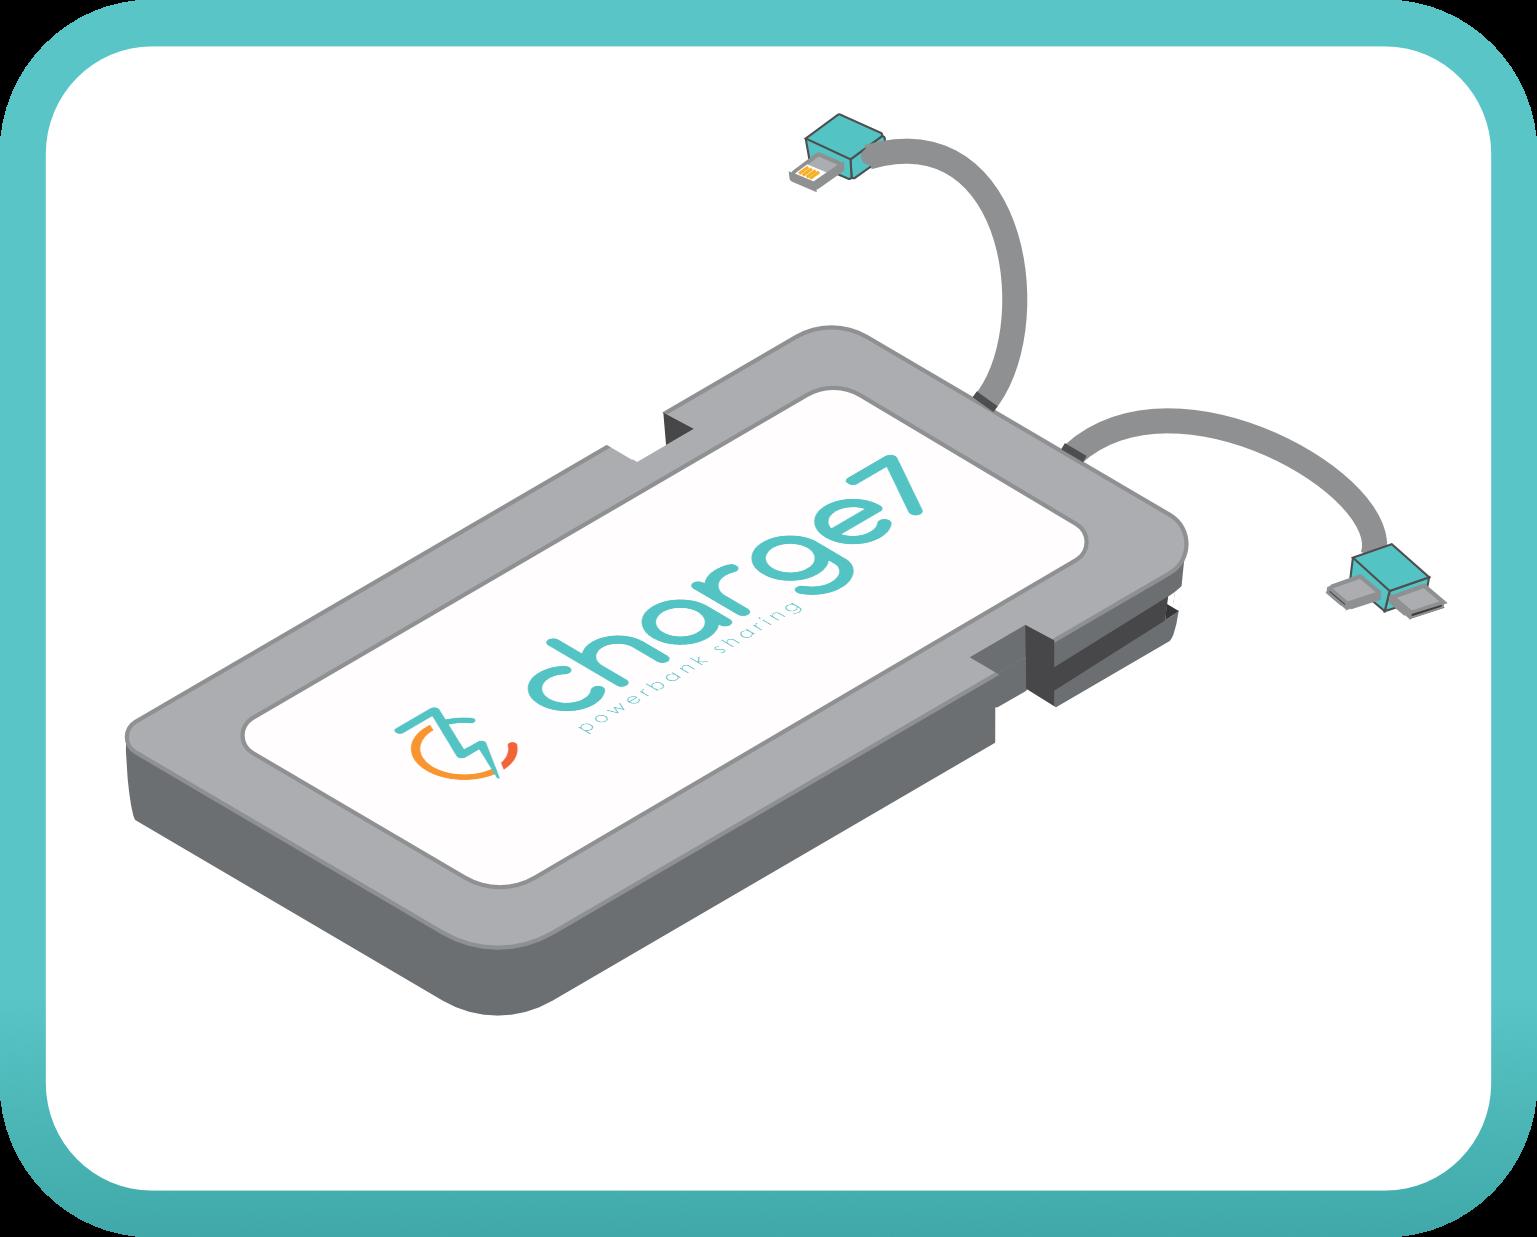 Eine charge7 Powerbank mit Ladekabeln